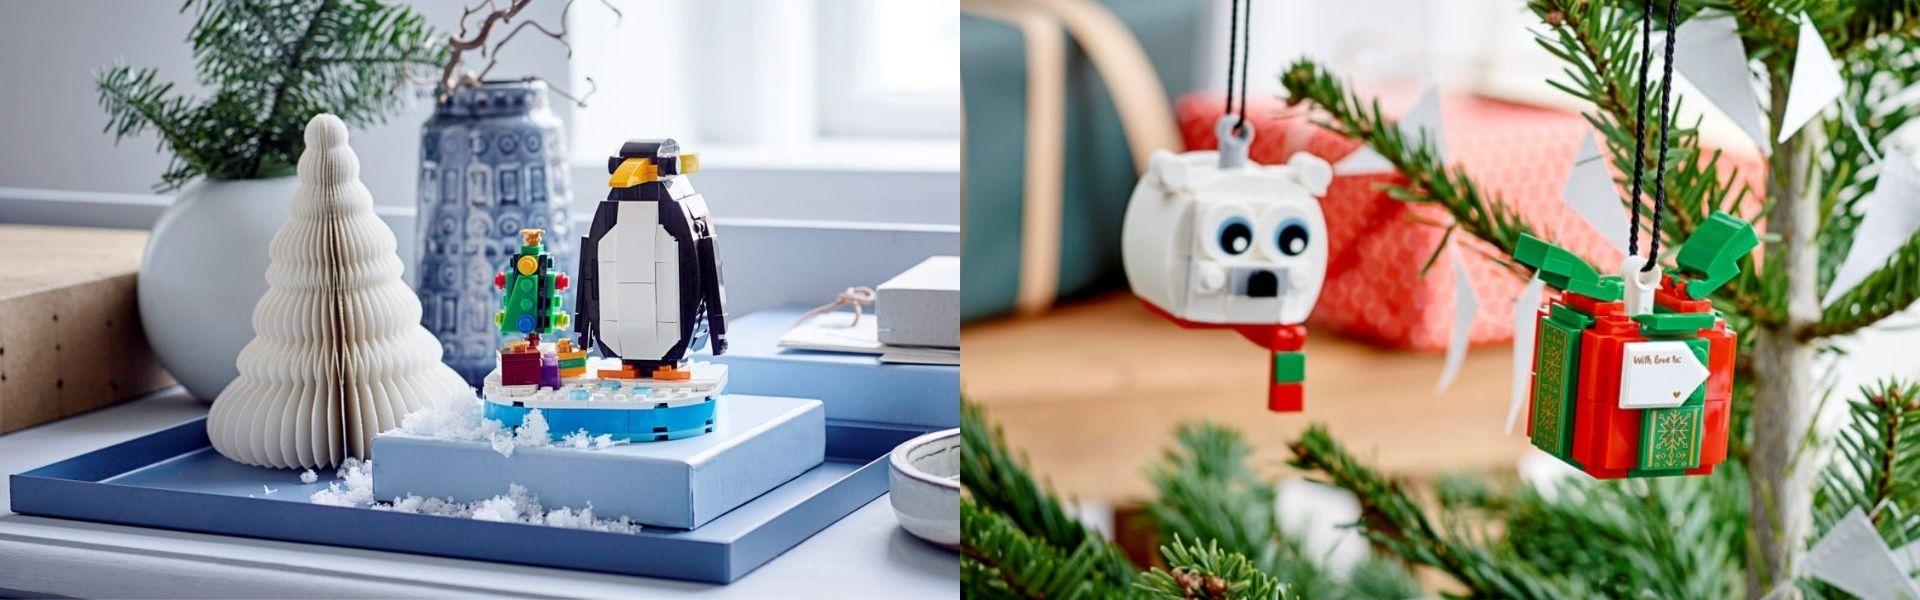 LEGO kerst Seasonals